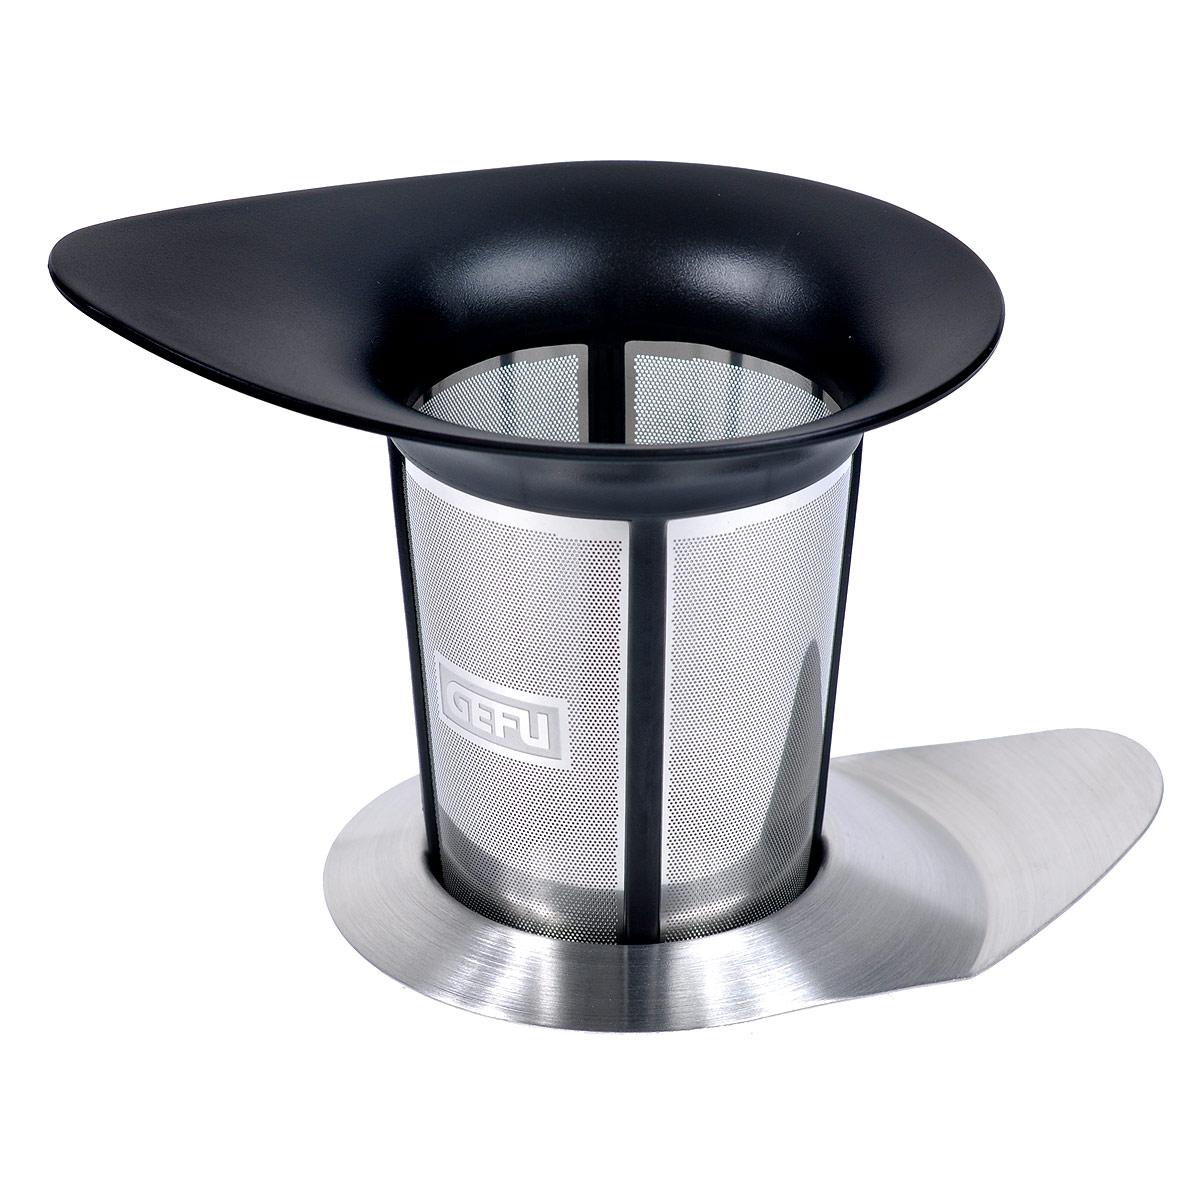 Сито для заваривания чая Gefu АрмониаWR-5101Сито Gefu Армониа, выполненное из высококачественного пластика черного цвета и нержавеющей стали прекрасно подойдет для заваривания чая прям в чашке. Насладитесь неповторимой чайной церемонией, используя фильтр Армониа, который можно поместить в чашку или в чайник. Несмотря на большой объем, Армониа обеспечивает насыщенный аромат и прекрасный вкус, так как имеет особую структуру микрофильтрации. Любители чая непременно оценят изящную и функциональную крышку из нержавеющей стали, которая сохранит аромат, а так же пригодится как подставка, на которую можно поместить фильтр после использования.Можно мыть в посудомоечной машине. Характеристики:Материал: высококачественный пластик, нержавеющая сталь. Размер сито: 12 см х9 см х 9,3 см. Размер крышки: 11,5 см х 8 см х 1 см. Цвет: серебристый, черный. Артикул: 12900.